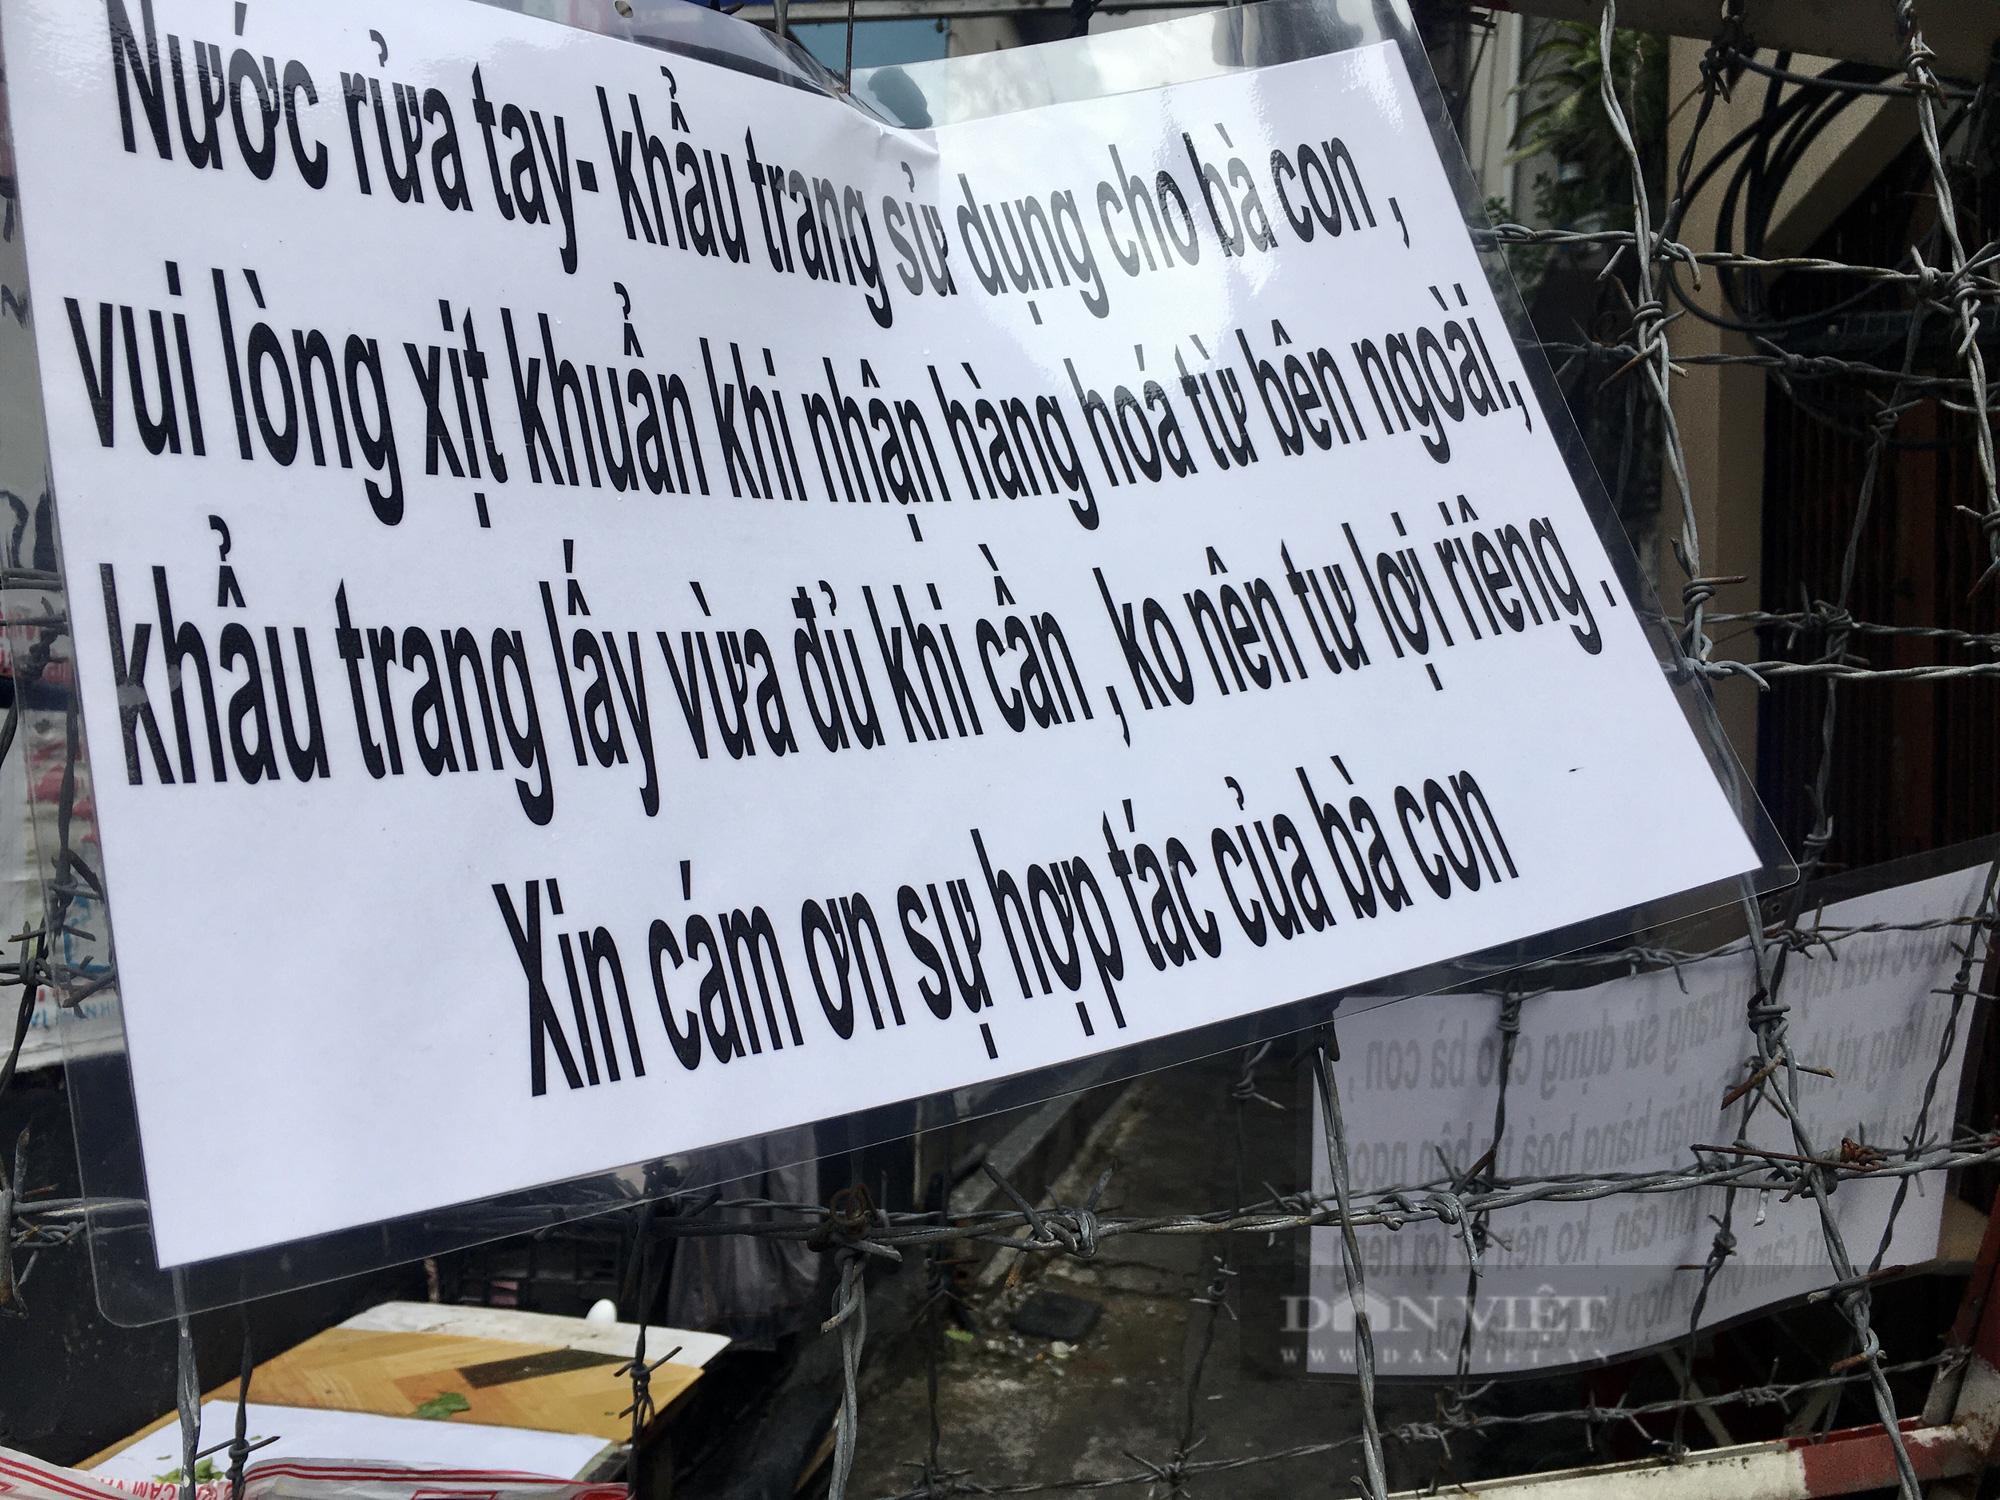 Hẻm Sài Gòn những ngày phong tỏa - Ảnh 7.